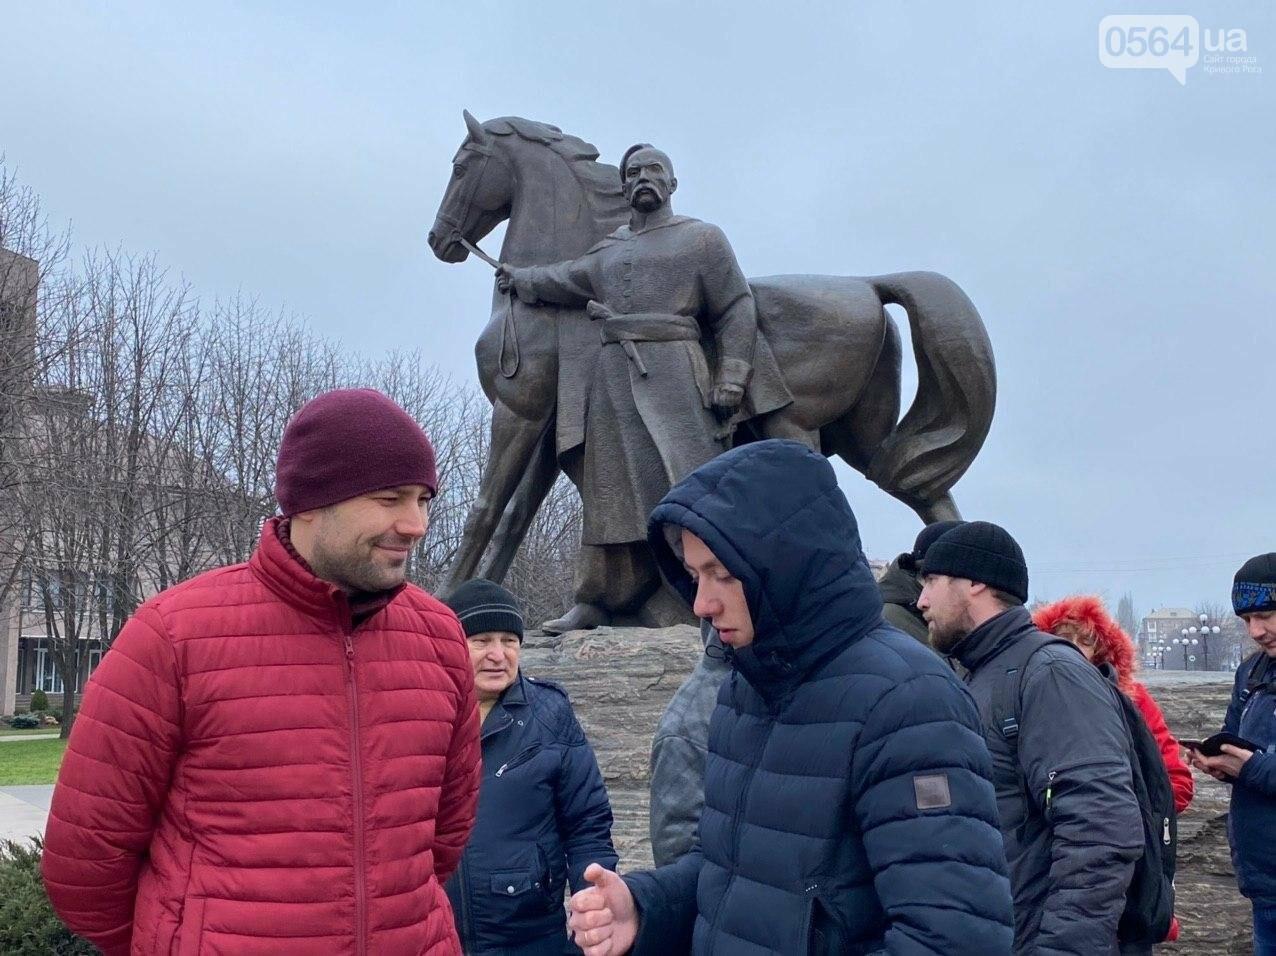 Криворожане записали видеообращение к земляку-президенту и рассказали, как ему убивают рейтинги в городе, - ФОТО, ВИДЕО , фото-2